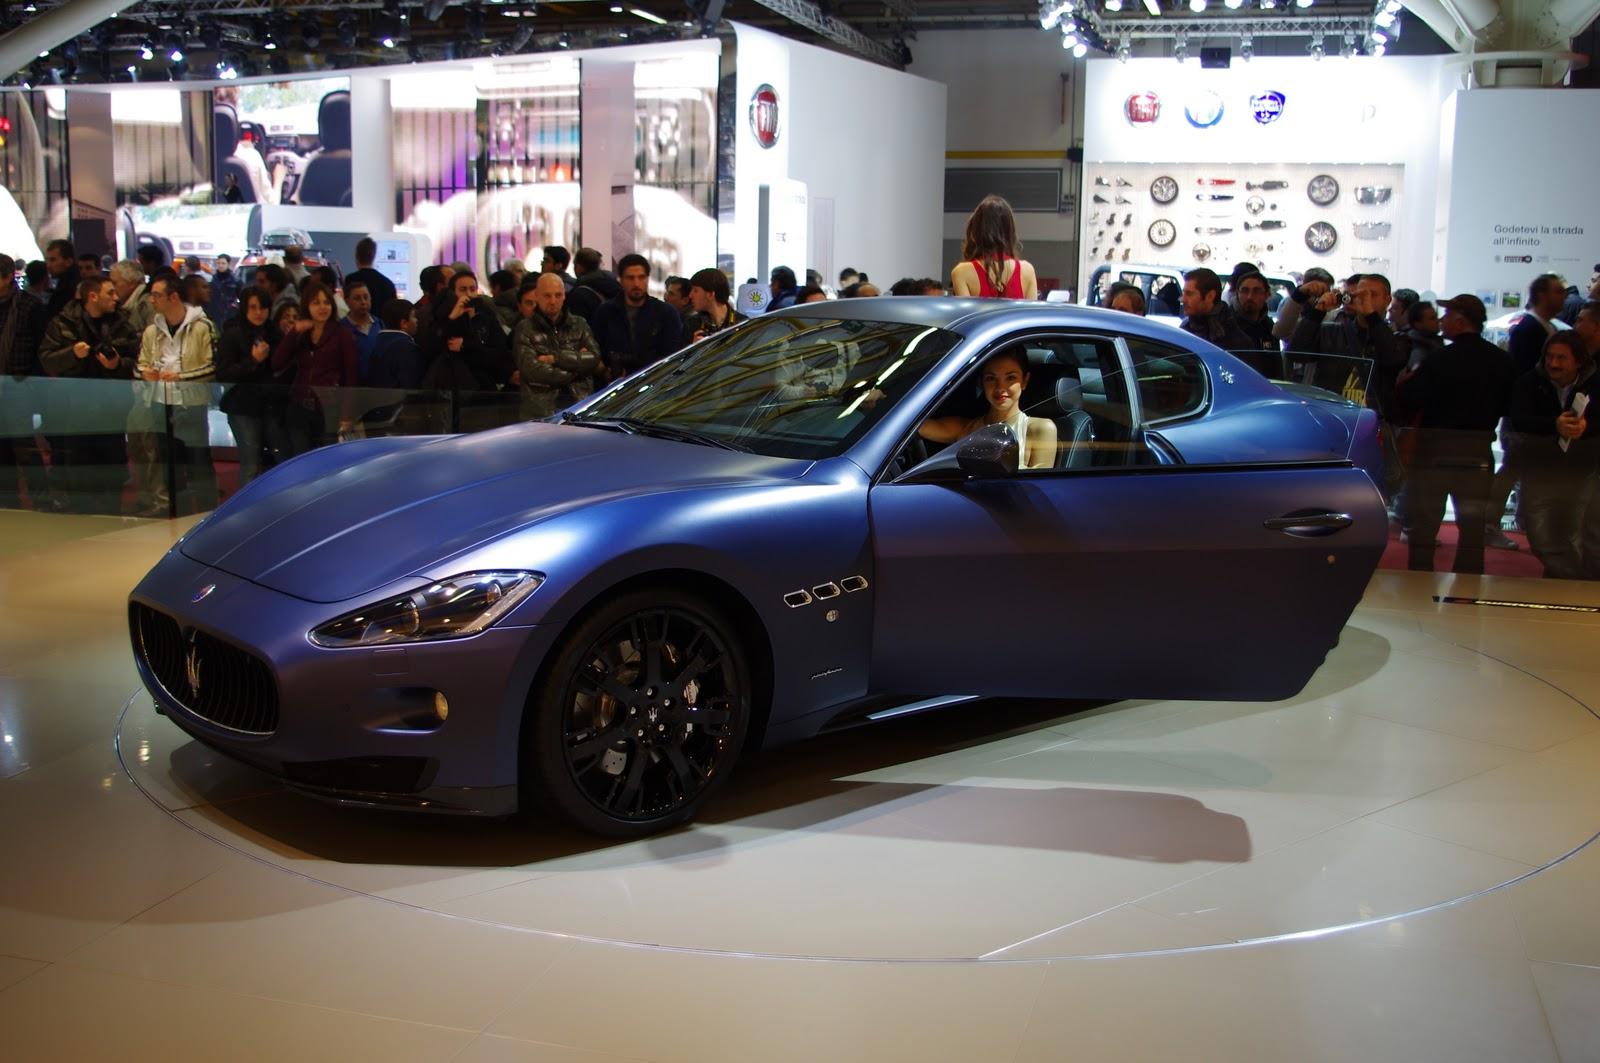 2011 Maserati GranTurismo S Limited Edition on Debut